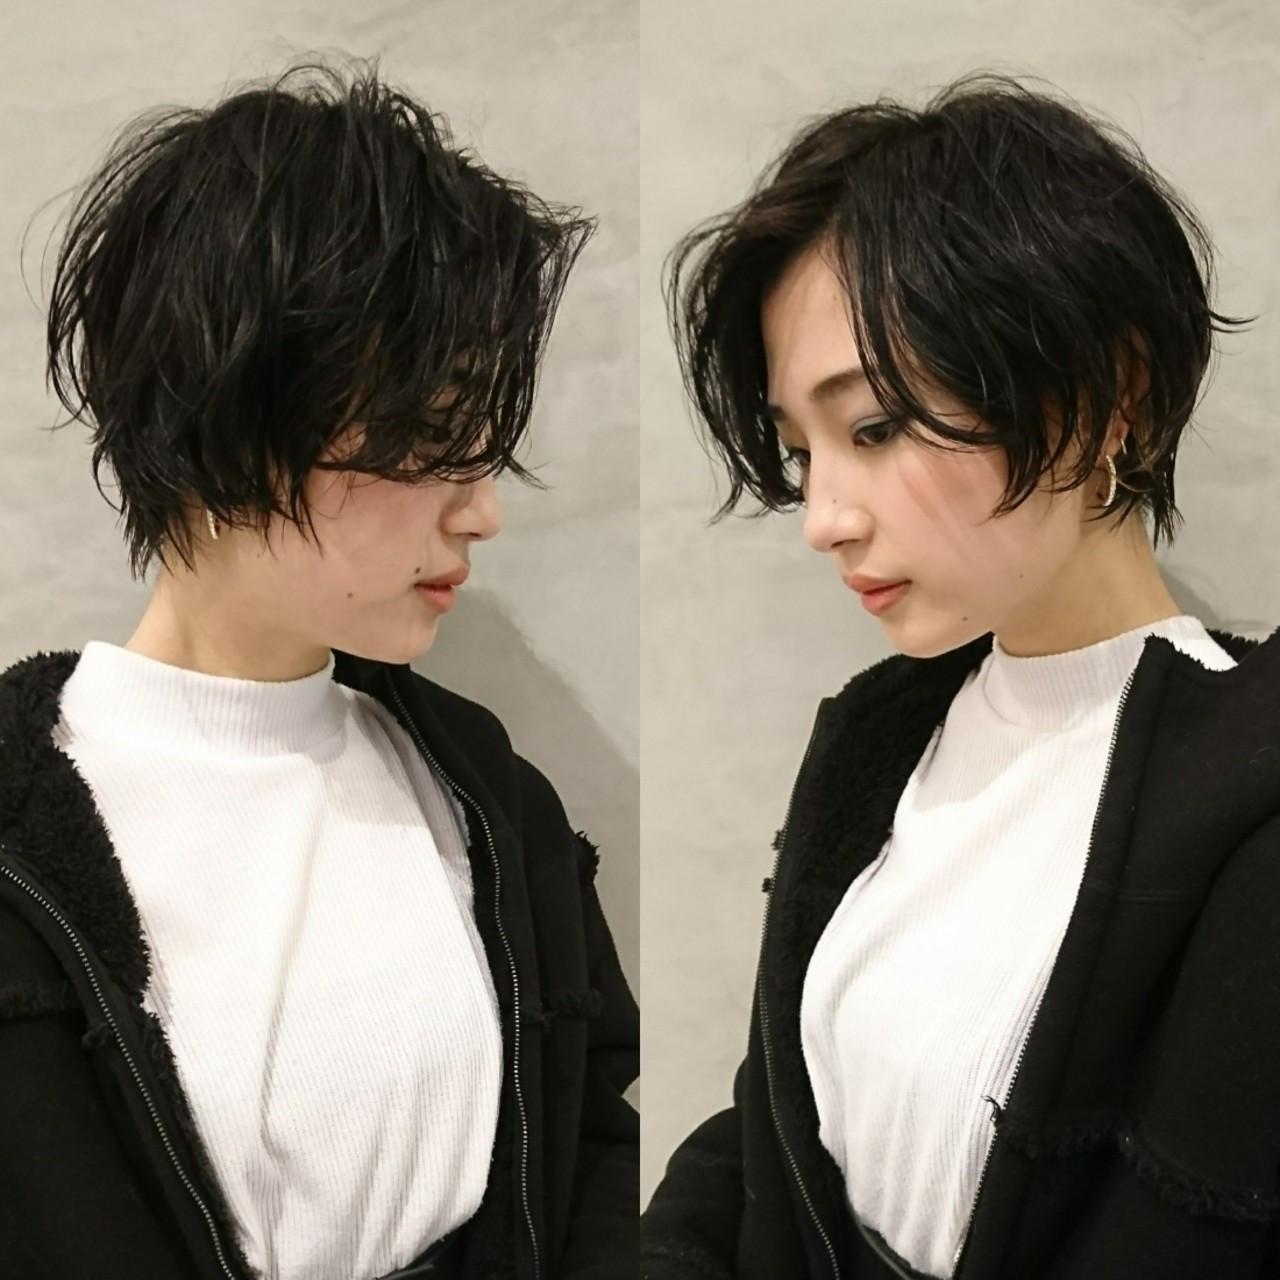 黒髪 ショート モード 似合わせ ヘアスタイルや髪型の写真・画像